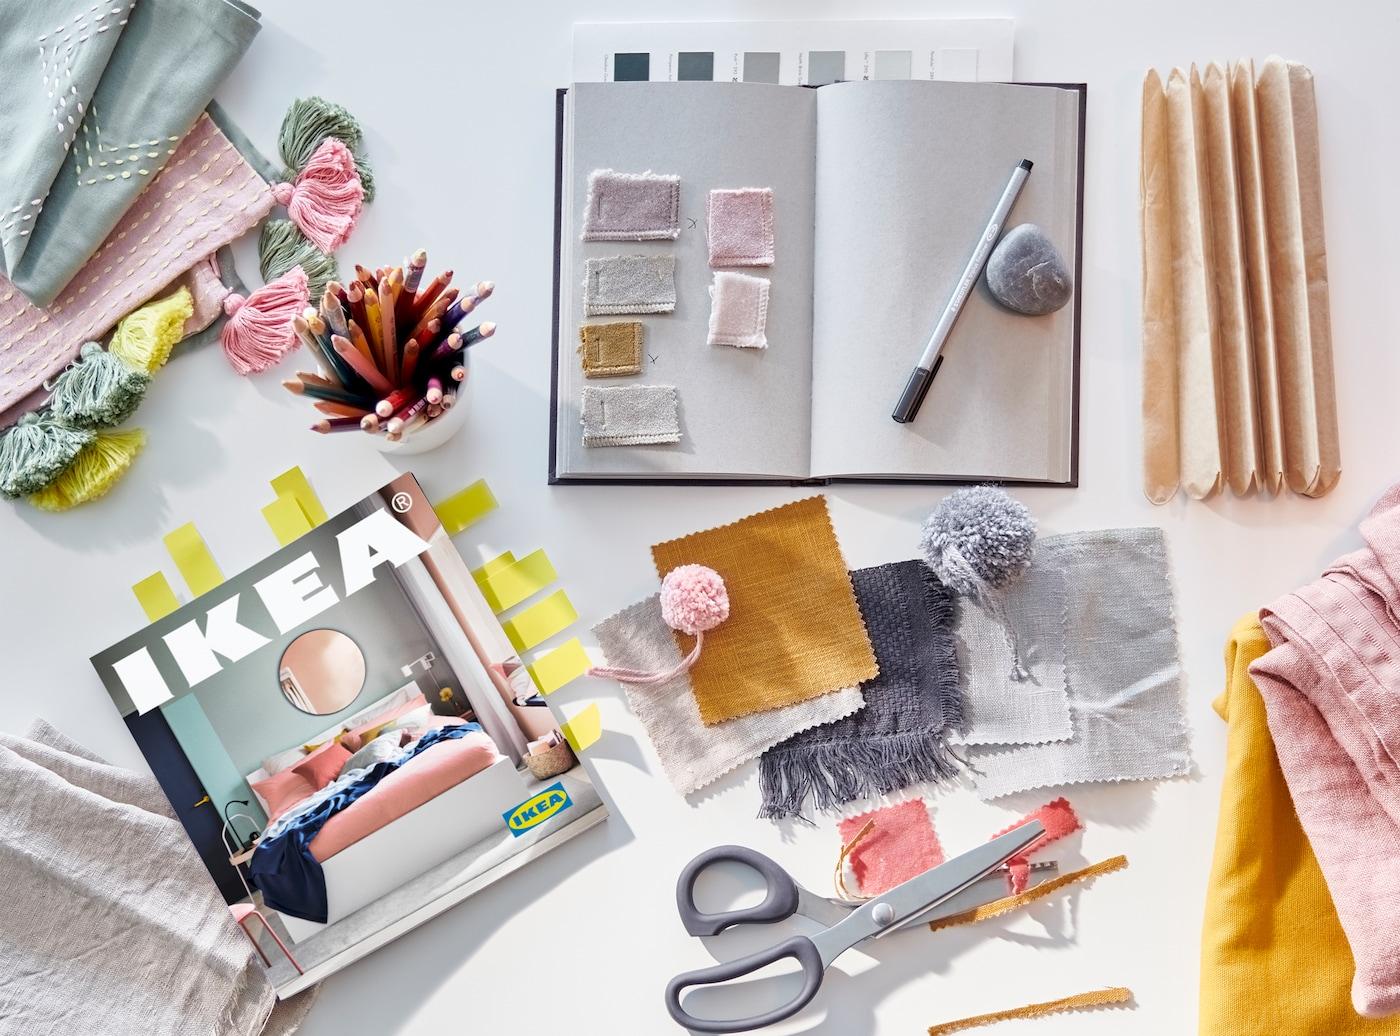 Un carnet de notes, un stylo, des ciseaux et des morceaux de tissu en rose, gris, jaune, moutarde et vert à côté d'un catalogue IKEA 2021.